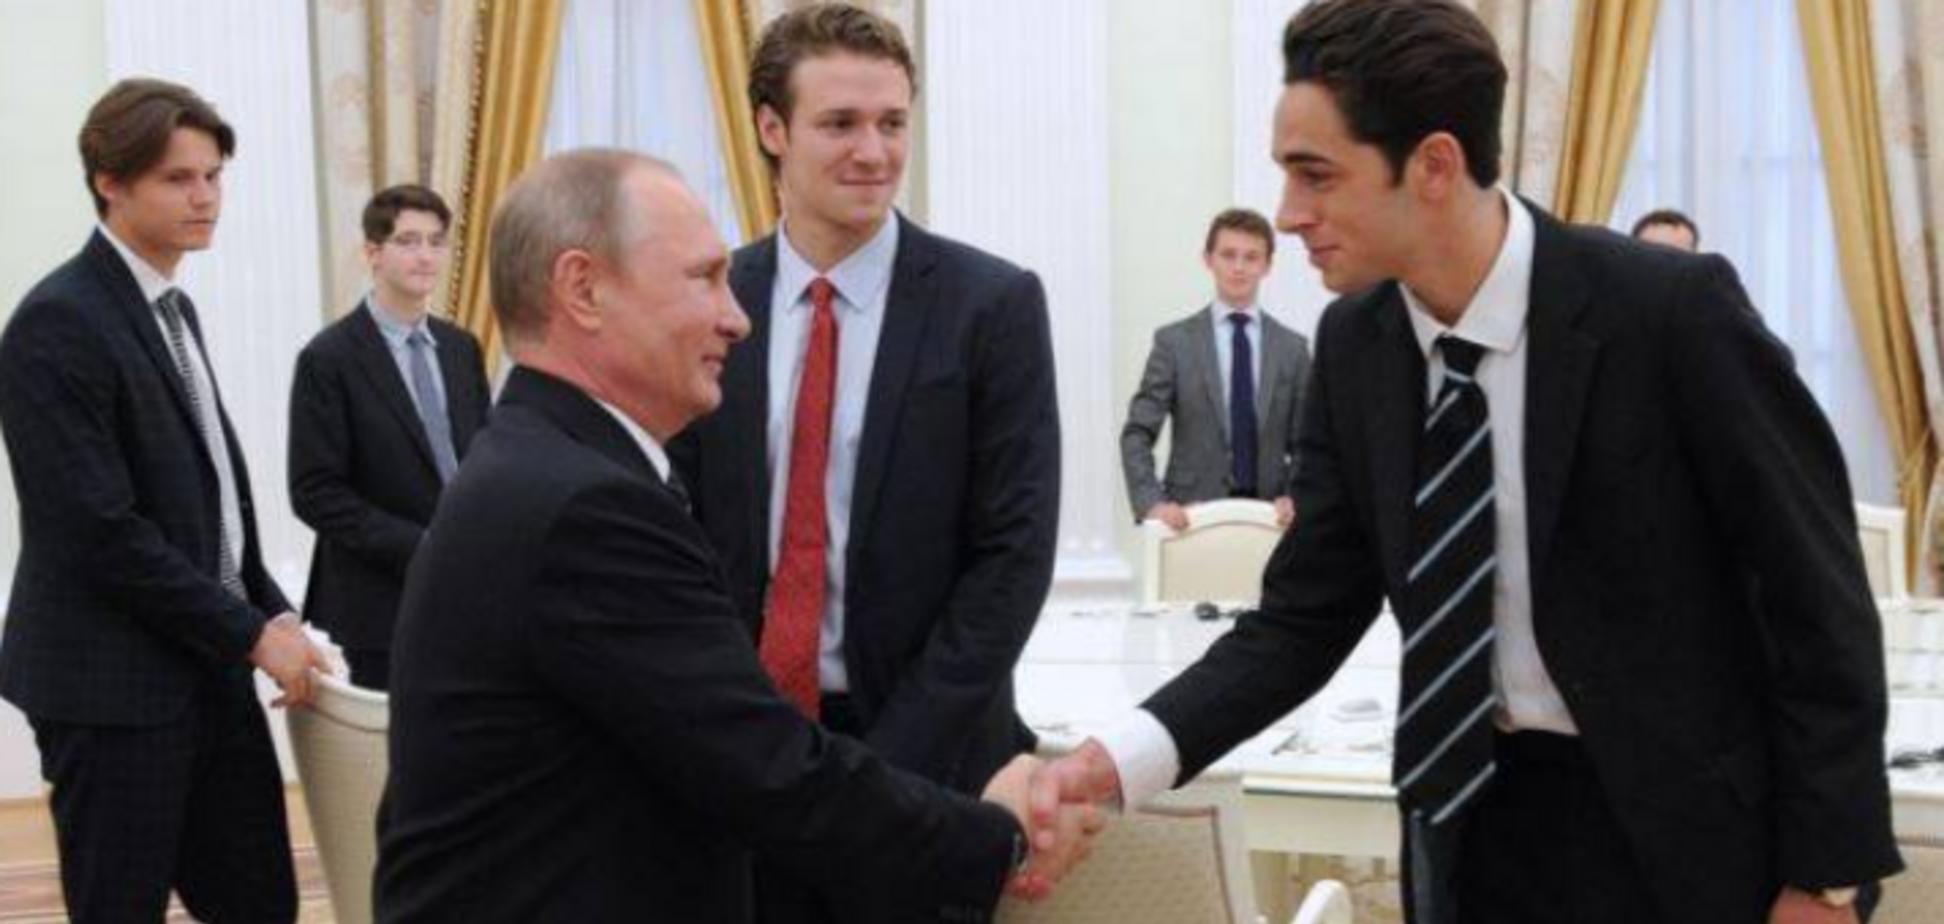 Цирк із ходулями: у мережі показали 'еволюцію' Путіна